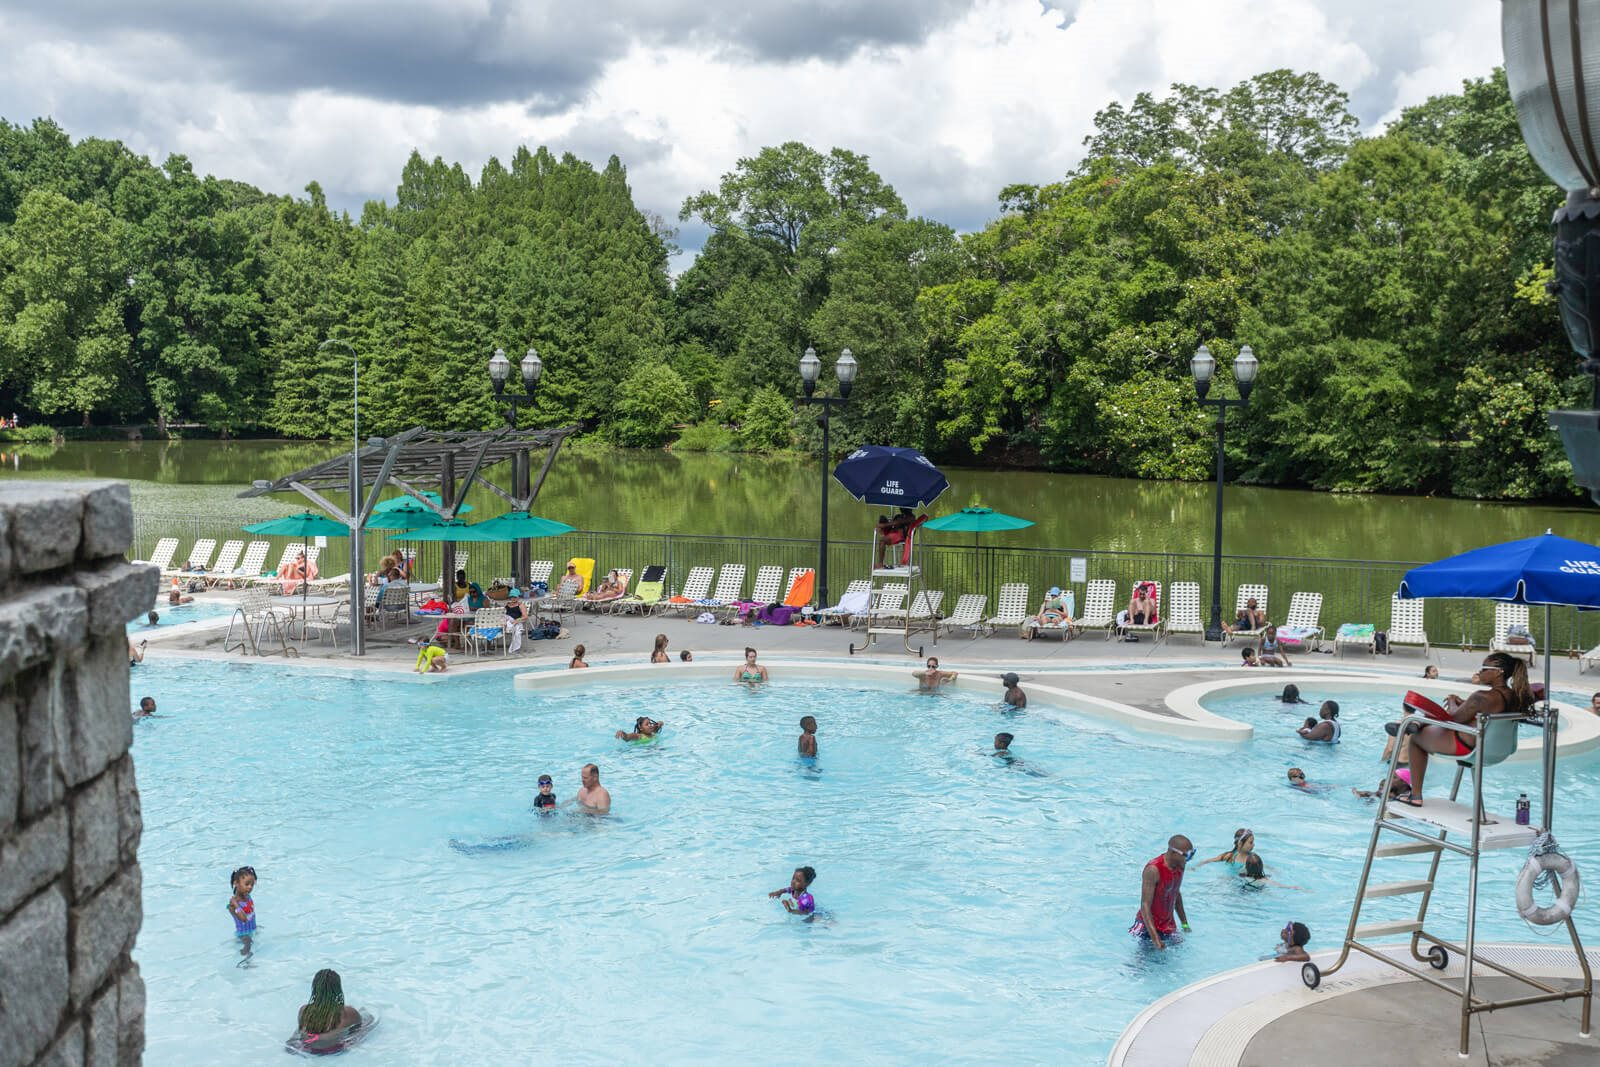 Enjoy Sunny days at the Pool at Windsor at Midtown, 30309, GA